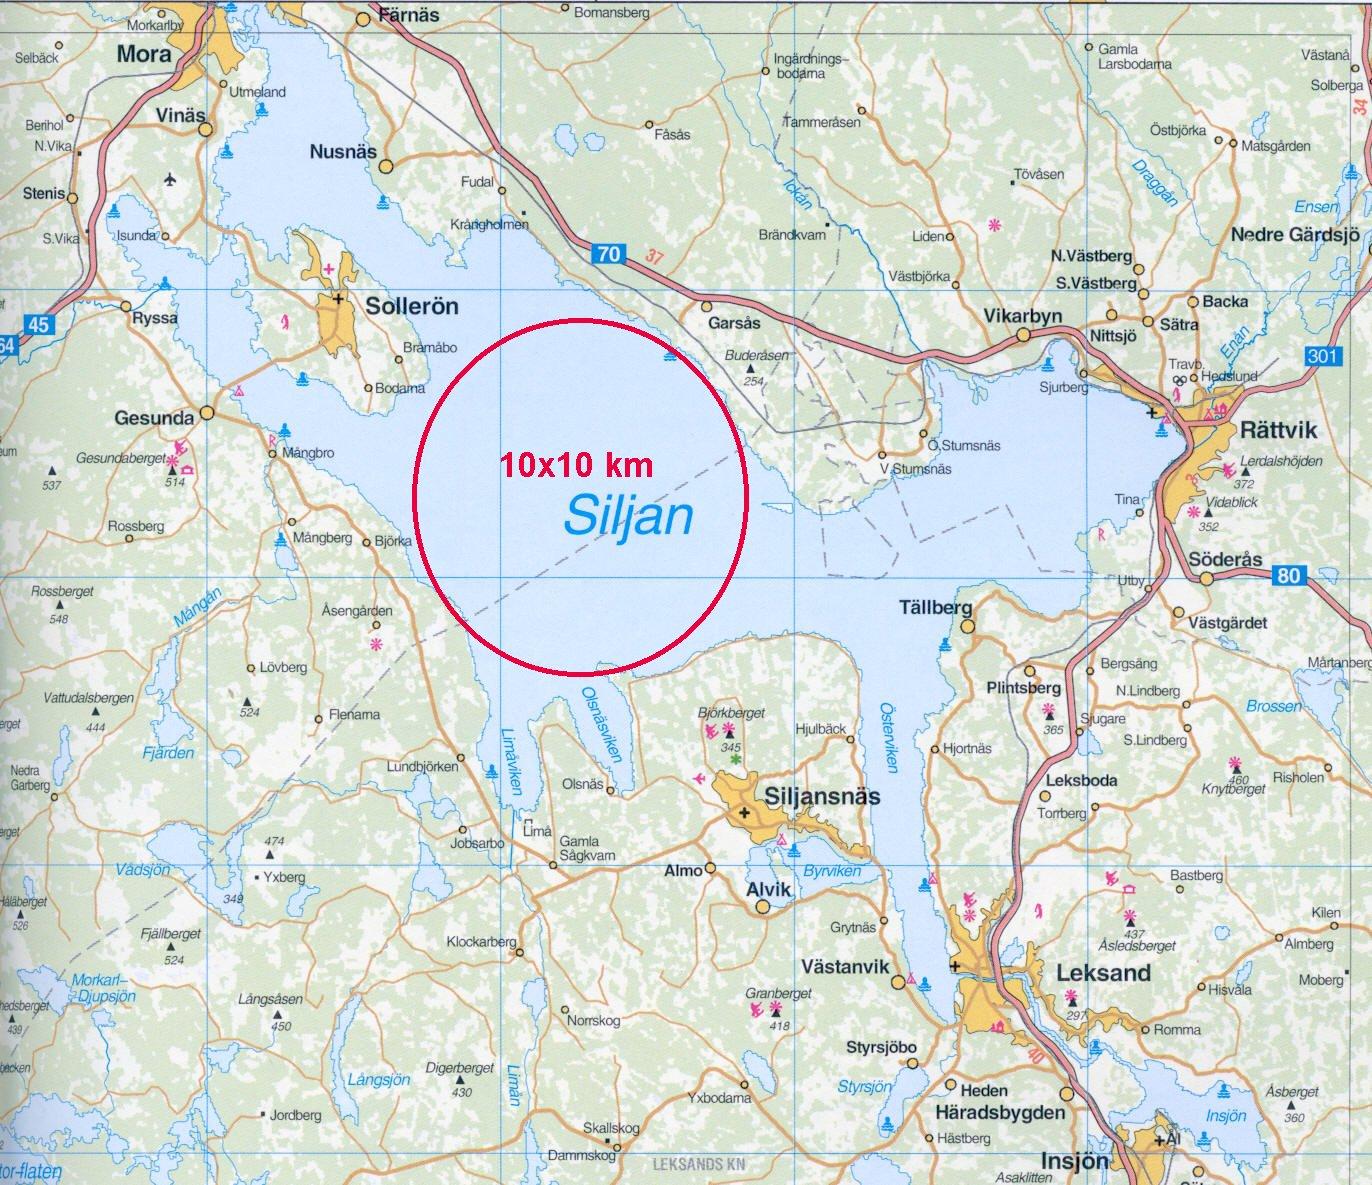 siljan sverige kart Slaget om Siljan   det var så här allt började   Hockeyisten siljan sverige kart